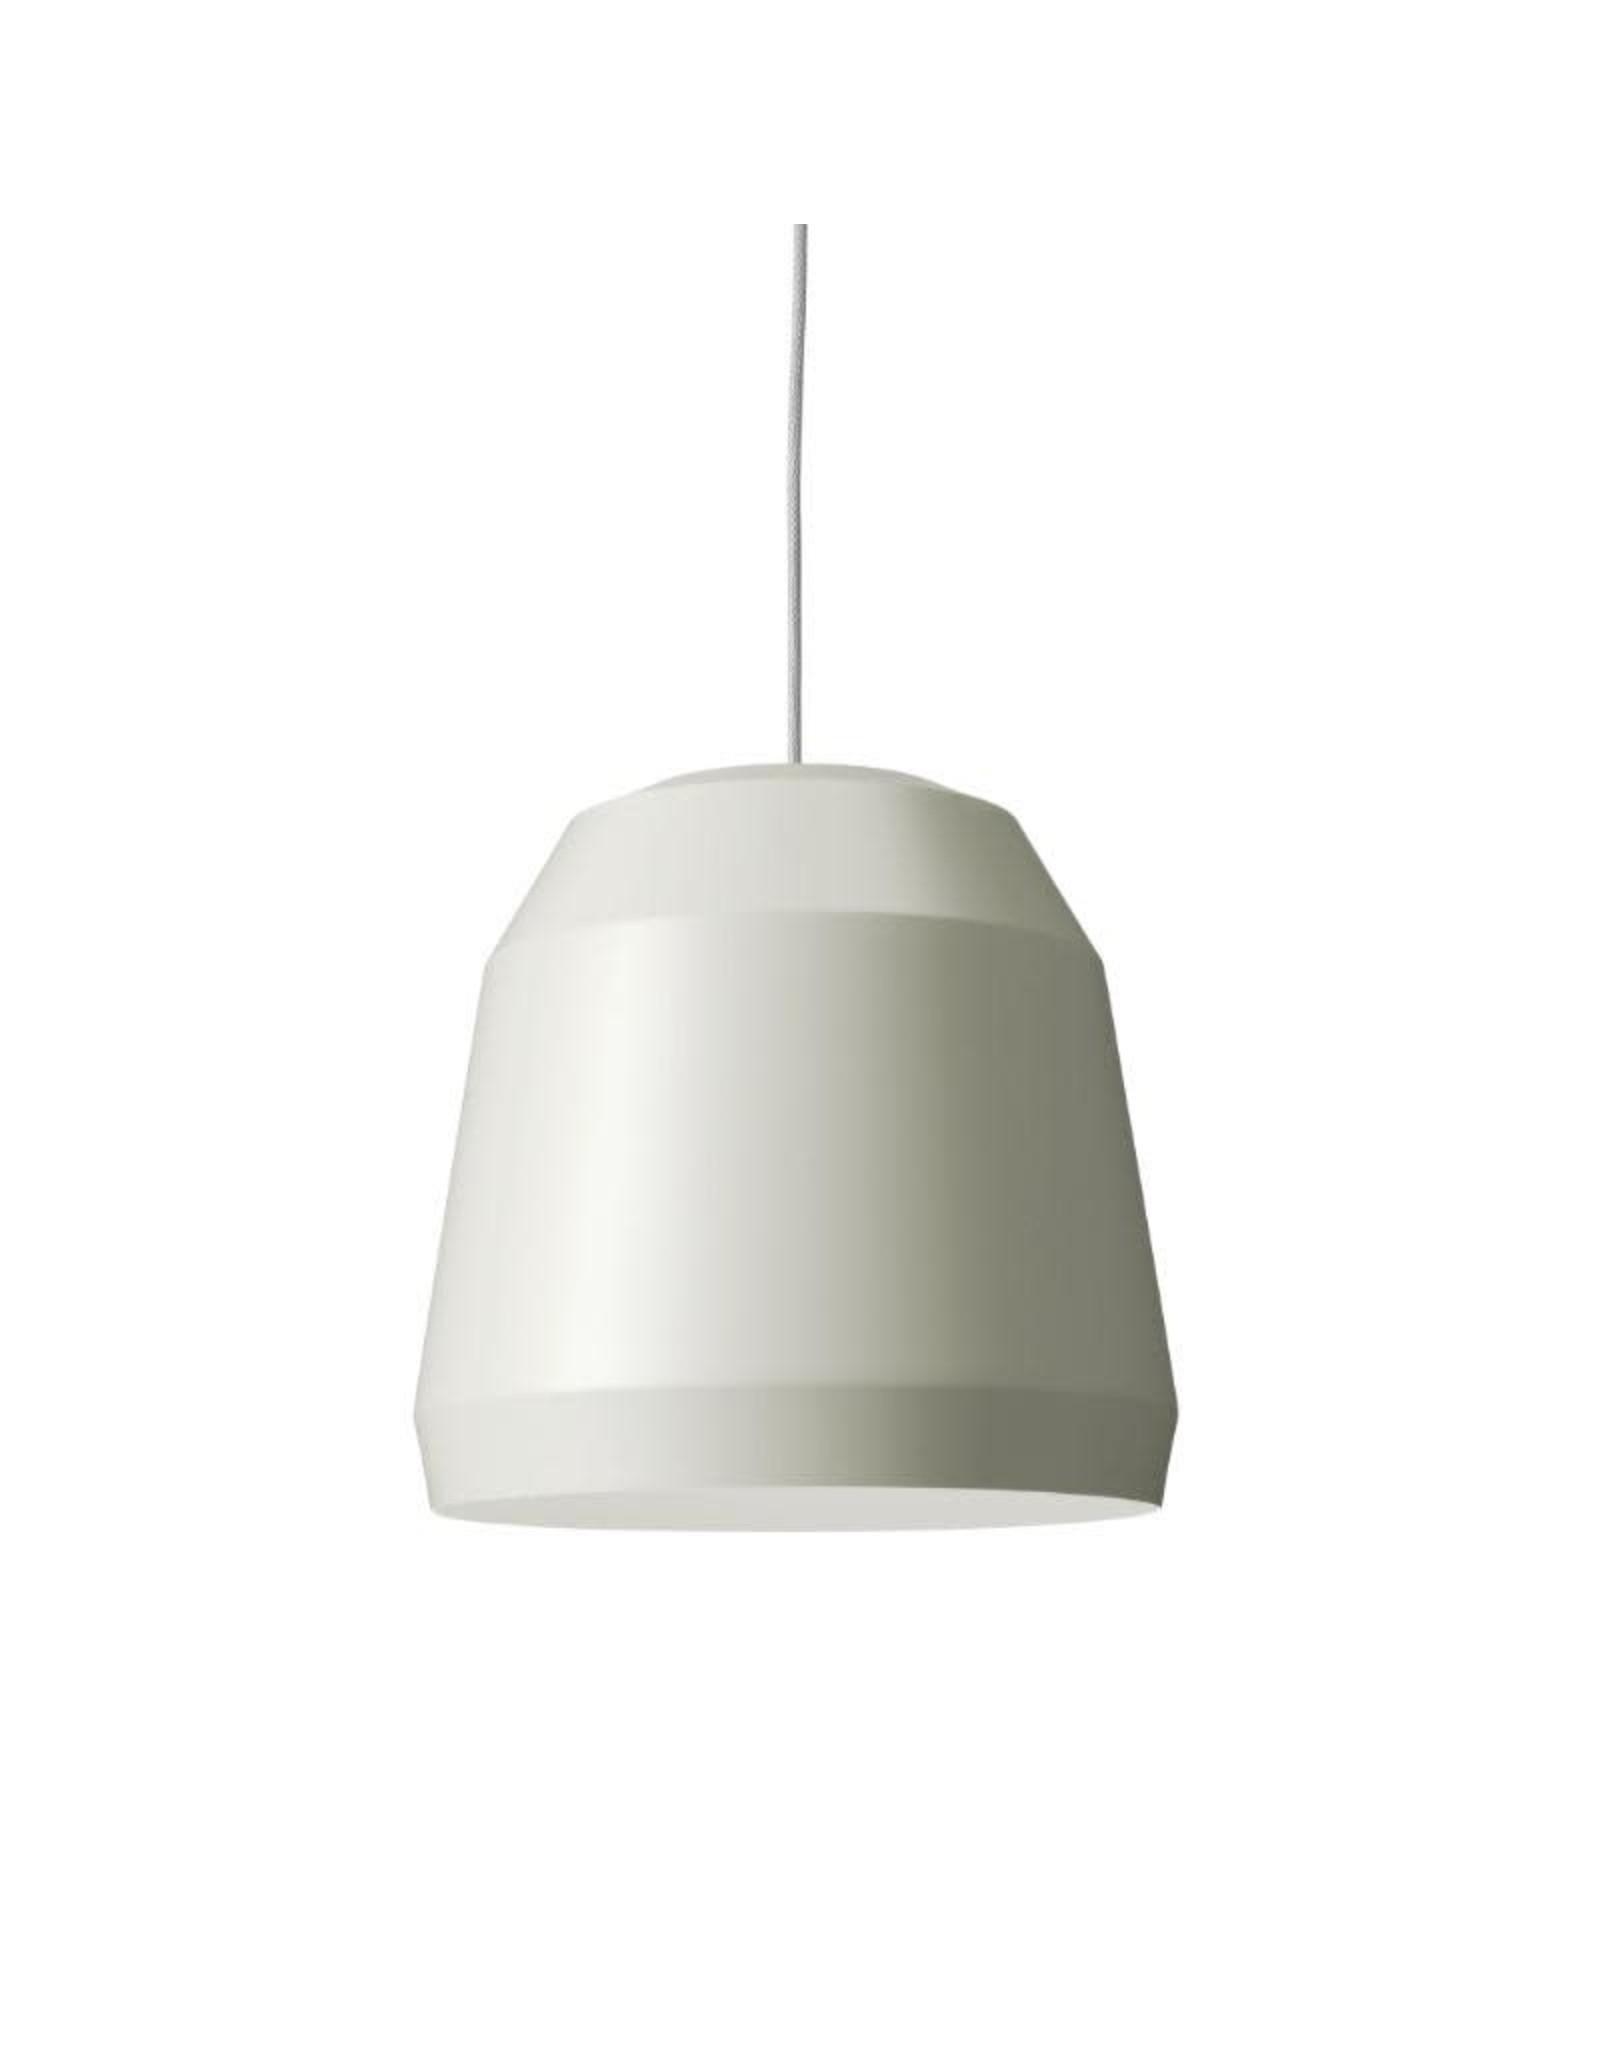 MINGUS 2 鋁製吊燈